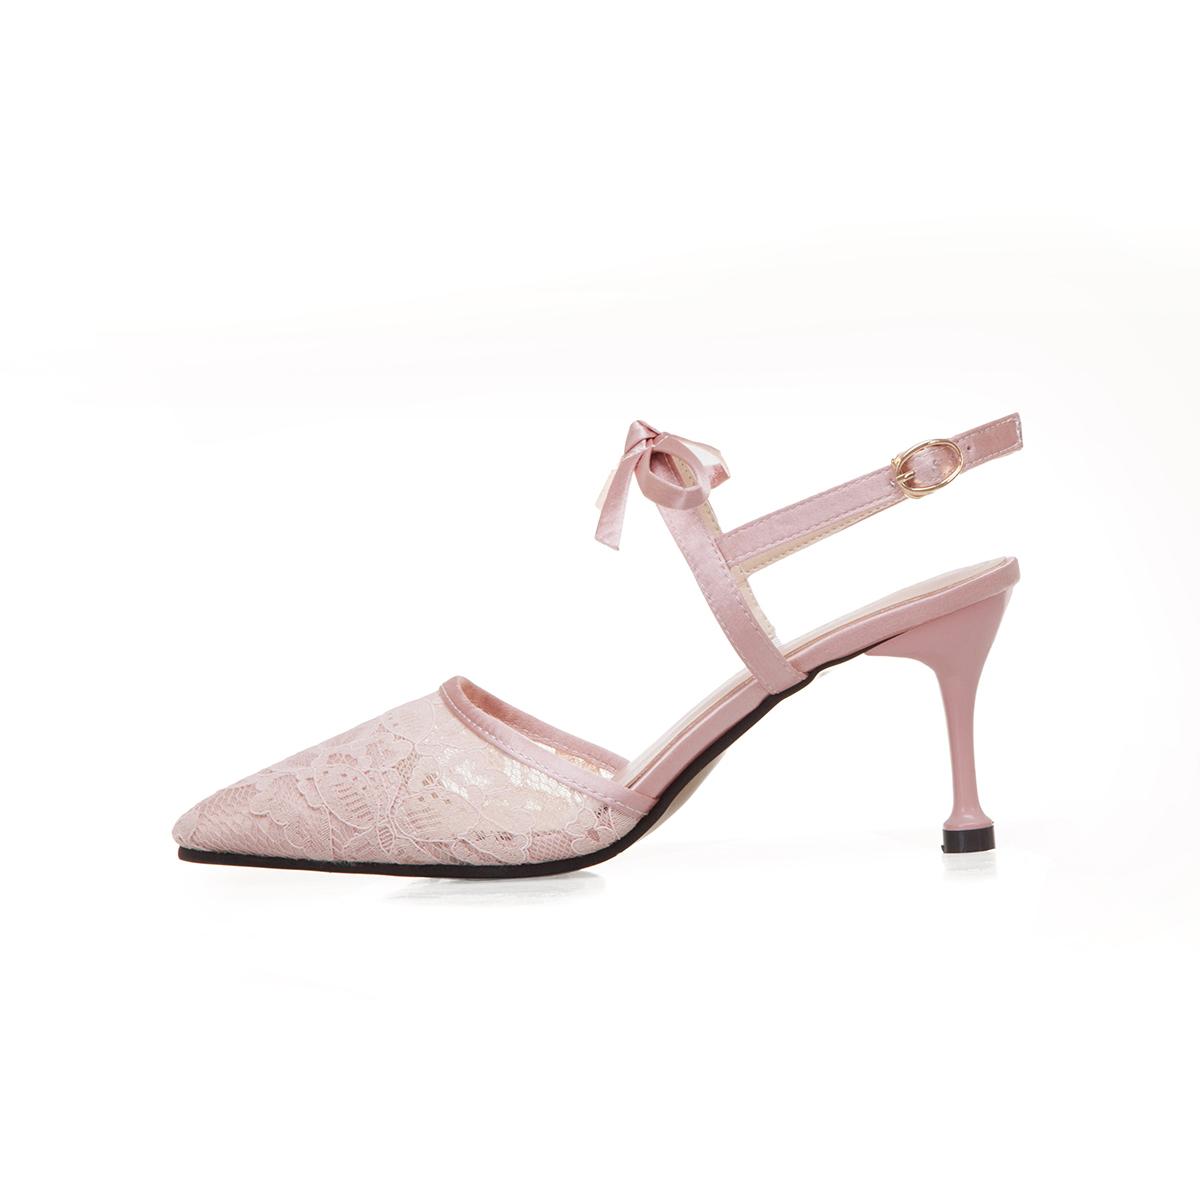 纪刻2019夏季新款凉鞋女鞋包头一字式扣带布细跟橡胶2019年高跟